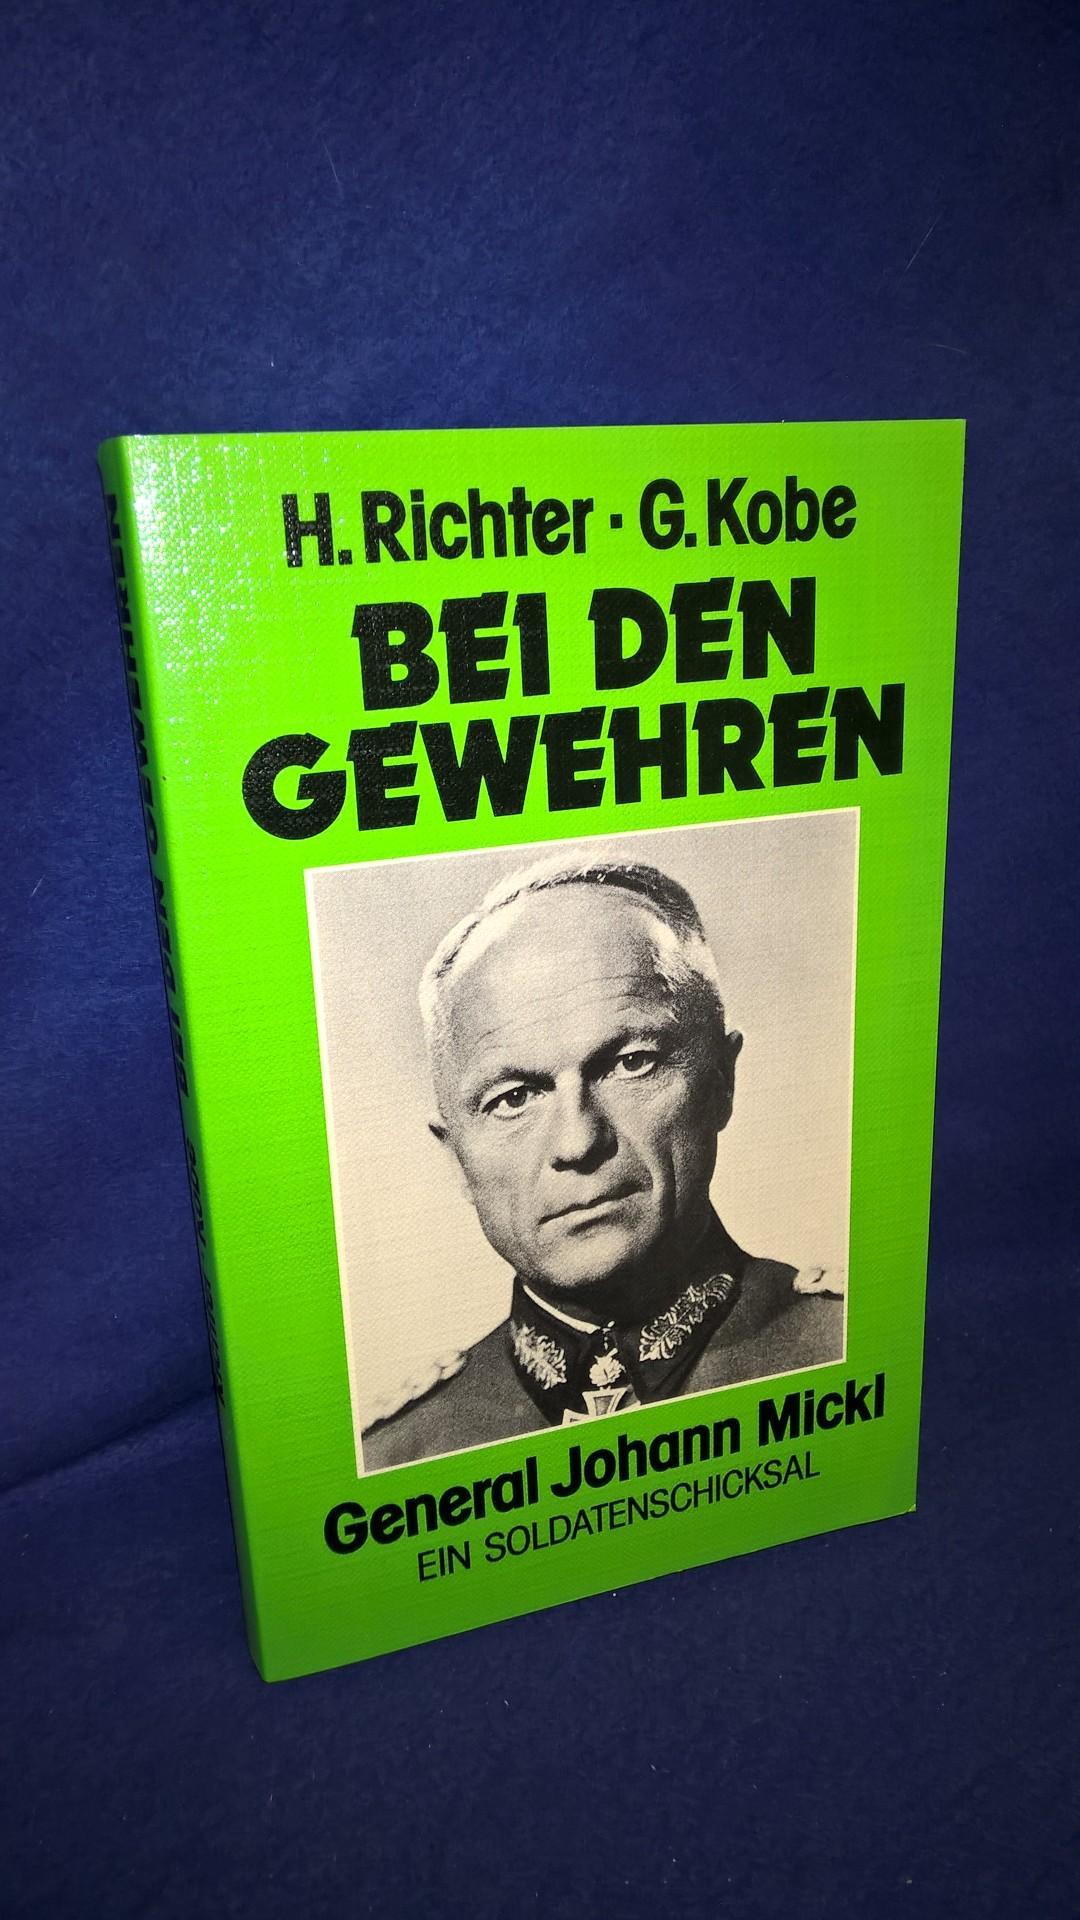 Bei den Gewehren; General Johann Mickl - Ein Soldatenschicksal